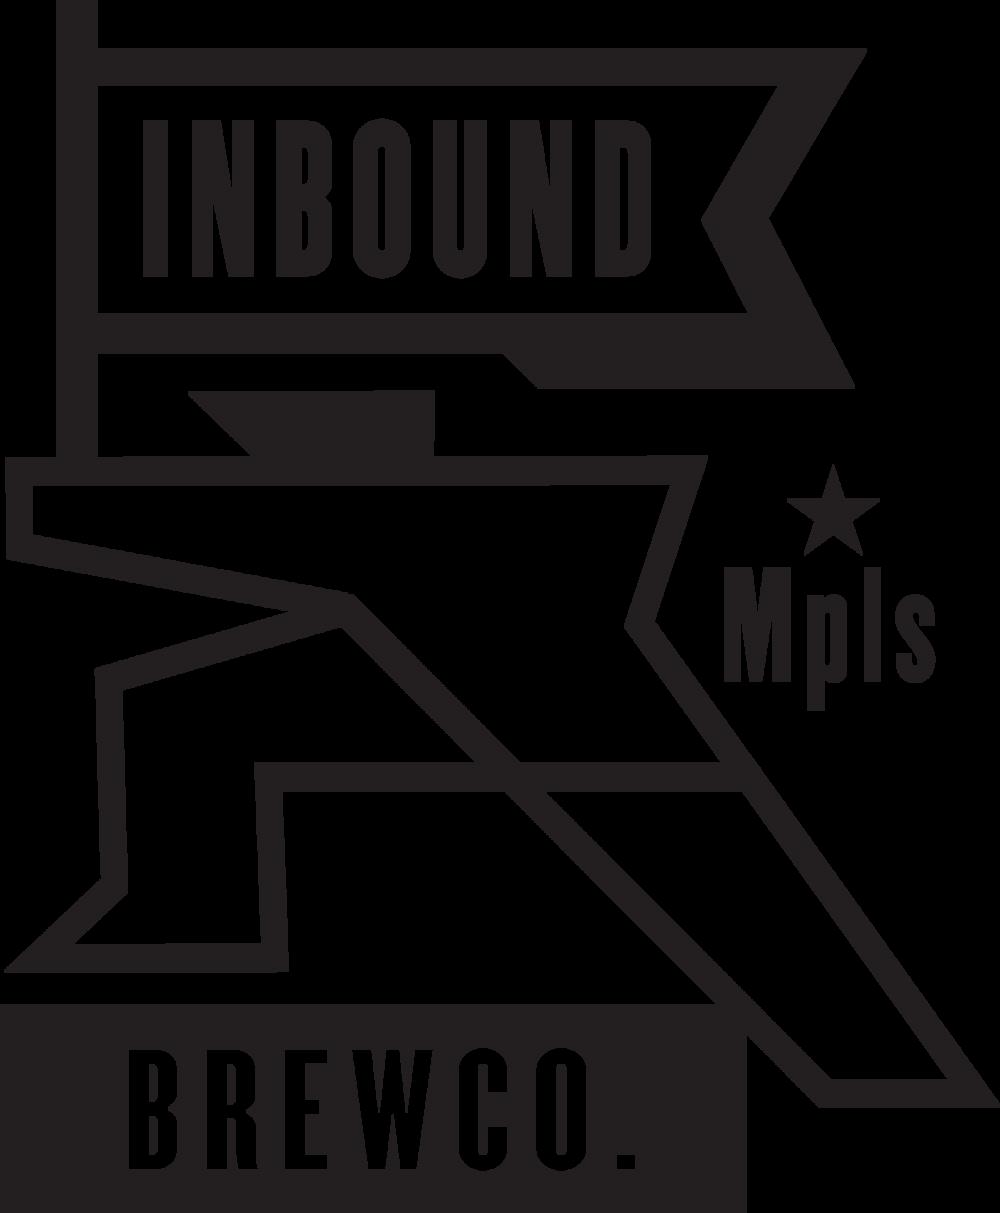 Inbound-BrewCo-logo1.png